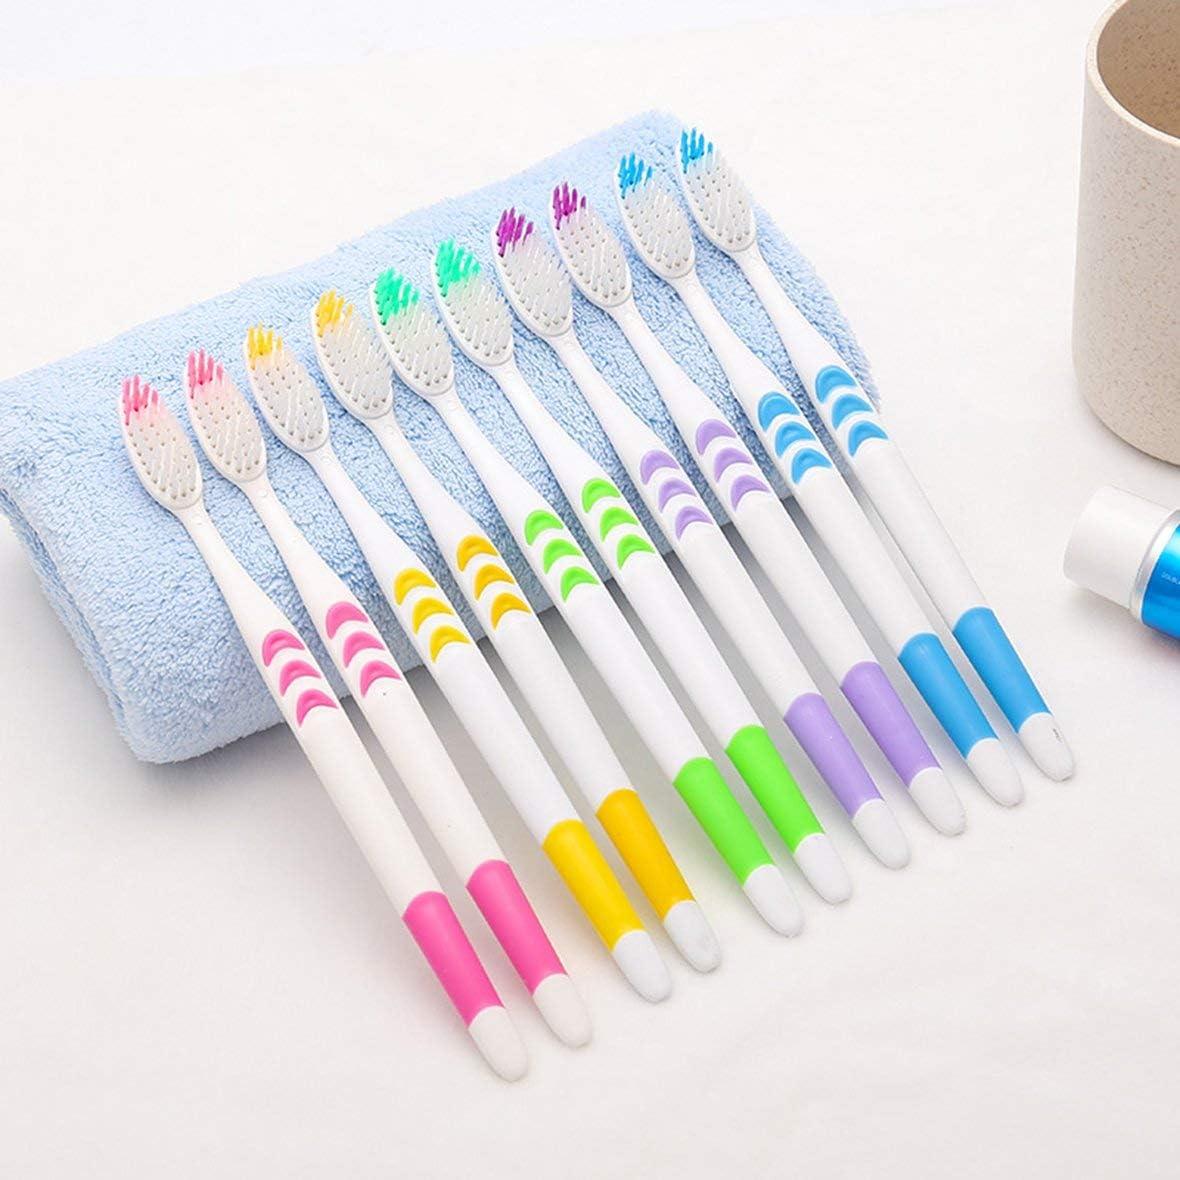 Heaviesk 10er Set Home Family Adult rutschfeste Zahnb/ürste tragbare weiche Zahnb/ürsten Reinigung Zahnschutz Werkzeuge